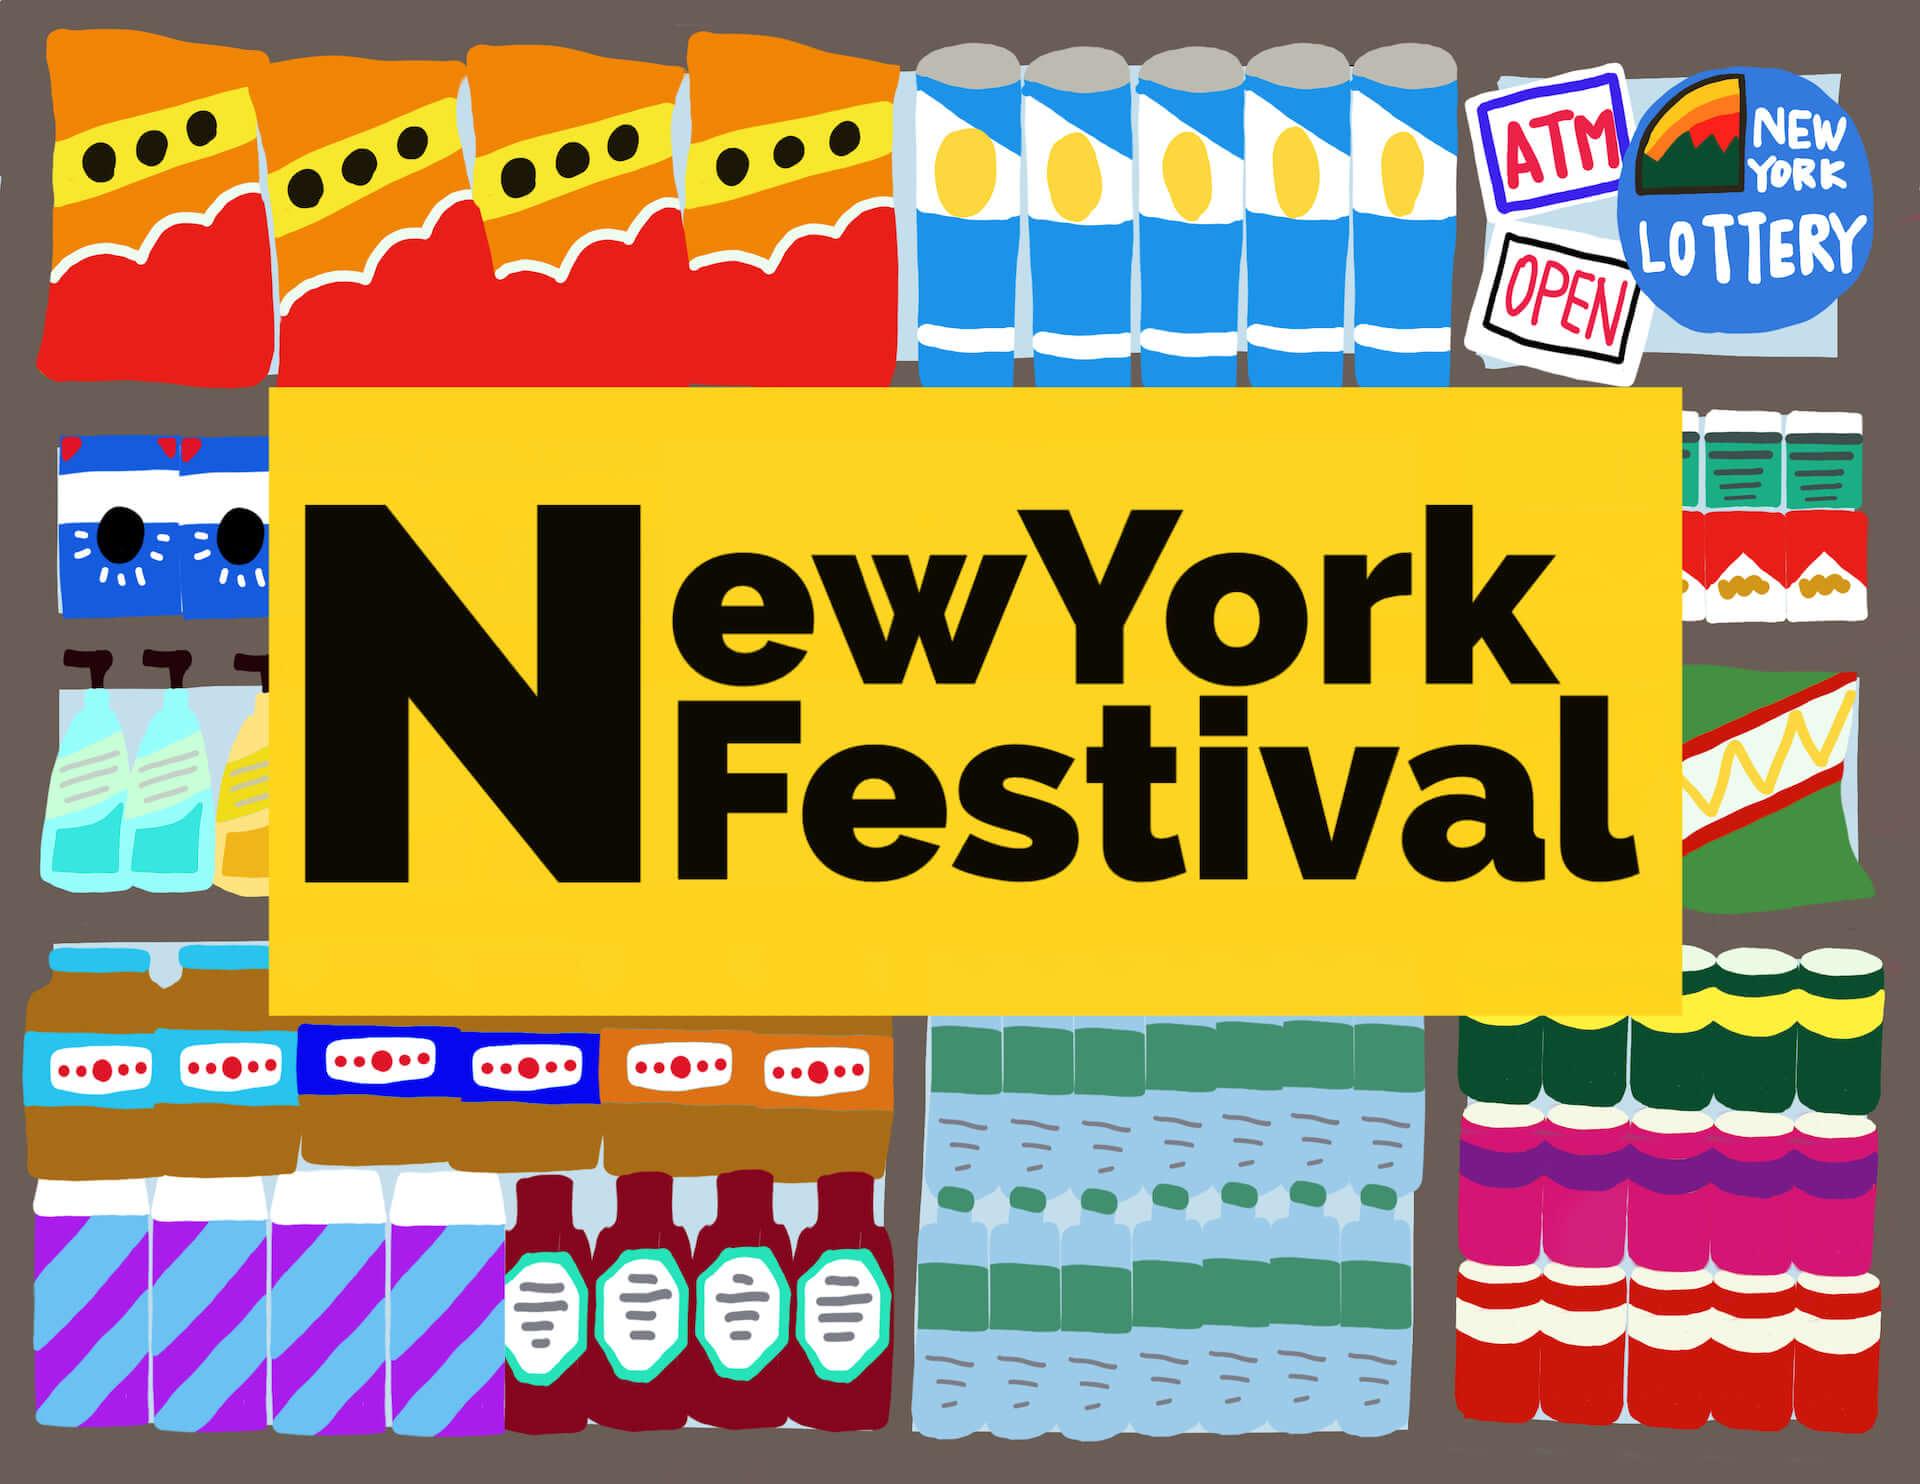 ストリートなイベント【東京】NEW YORK FESTIVAL 2020 首都圏最大級のニューヨーク・フェスが東京・天王洲で開催決定!